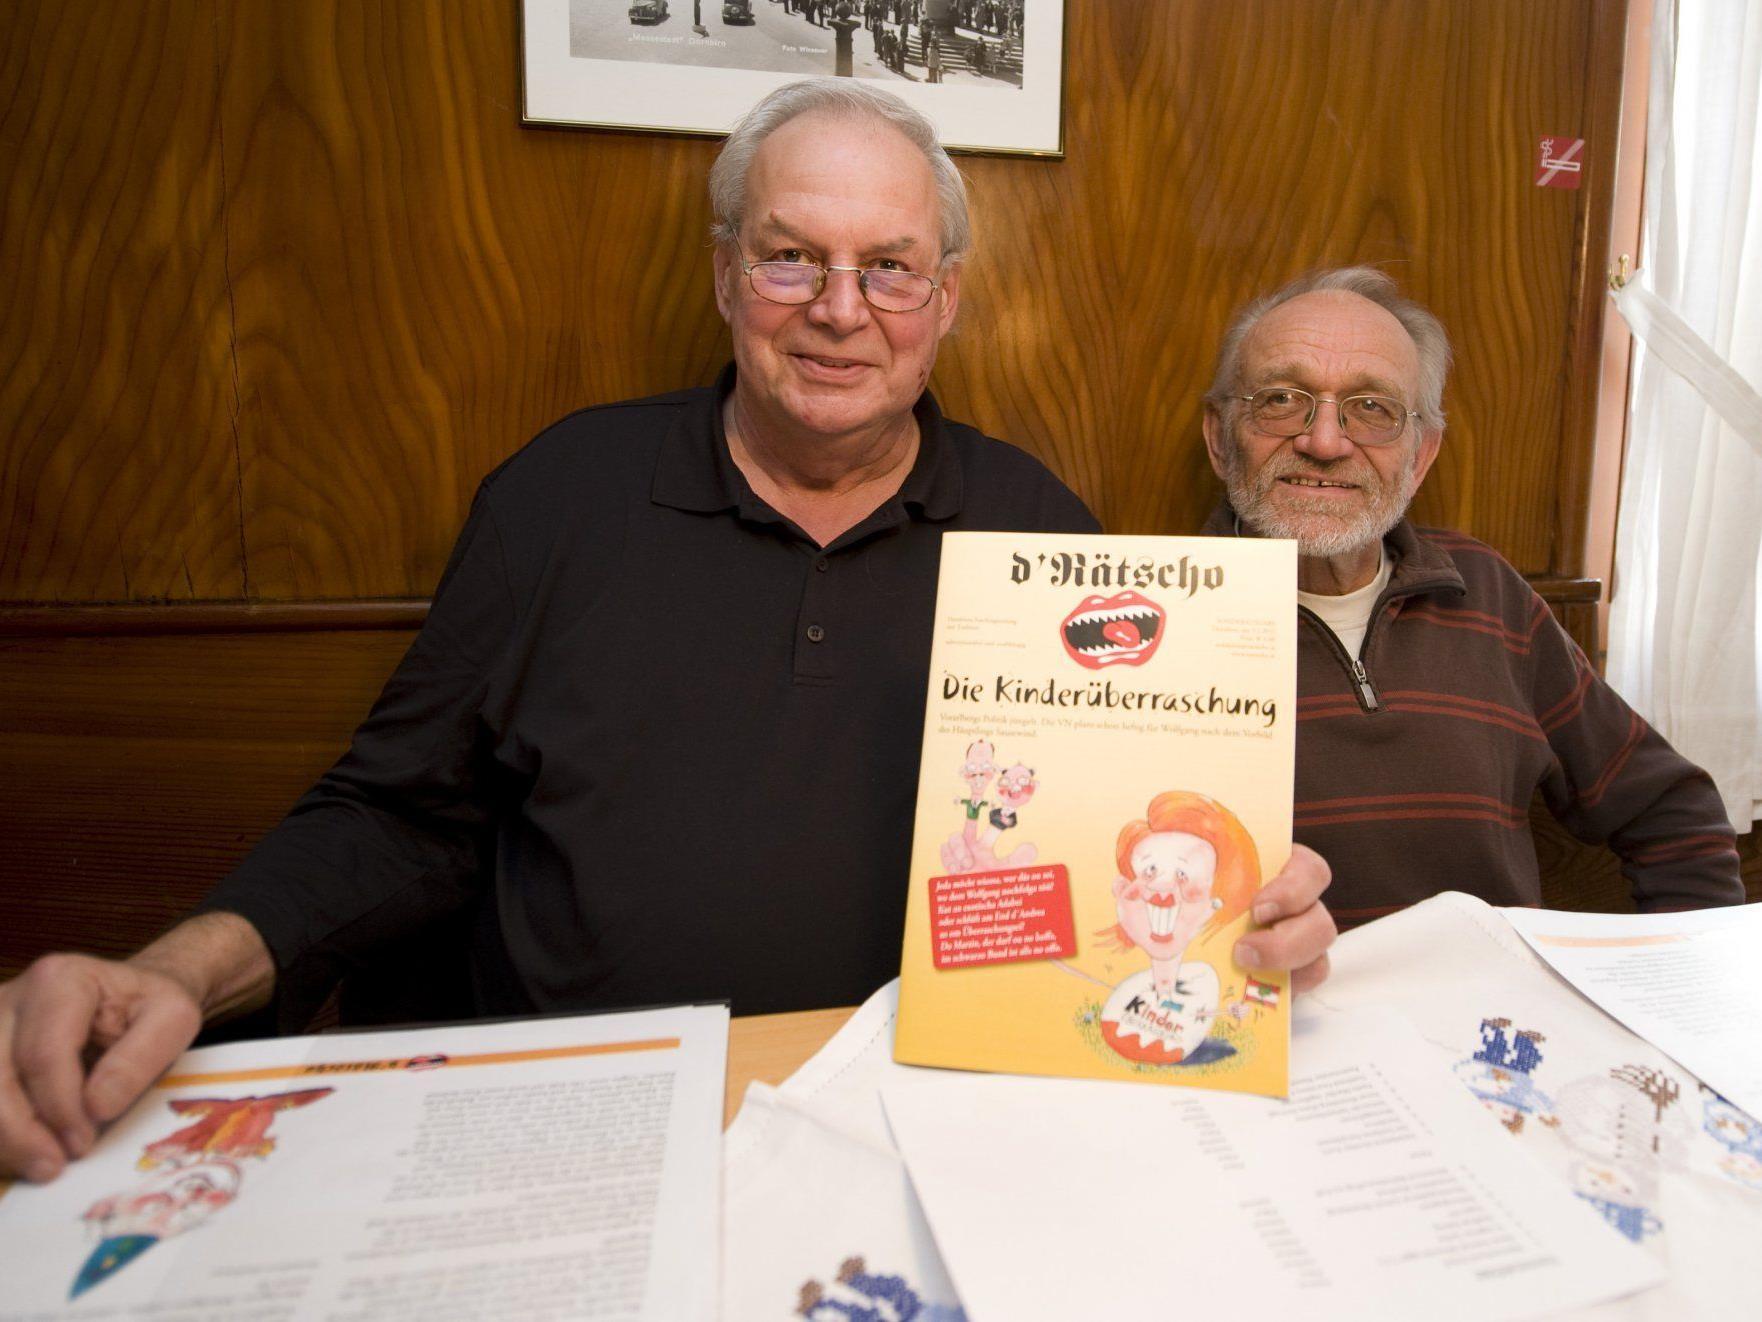 Helmut Lecher (l.) und Werner Hagen lasen ein paar der insgesamt 150 Beiträge vor.